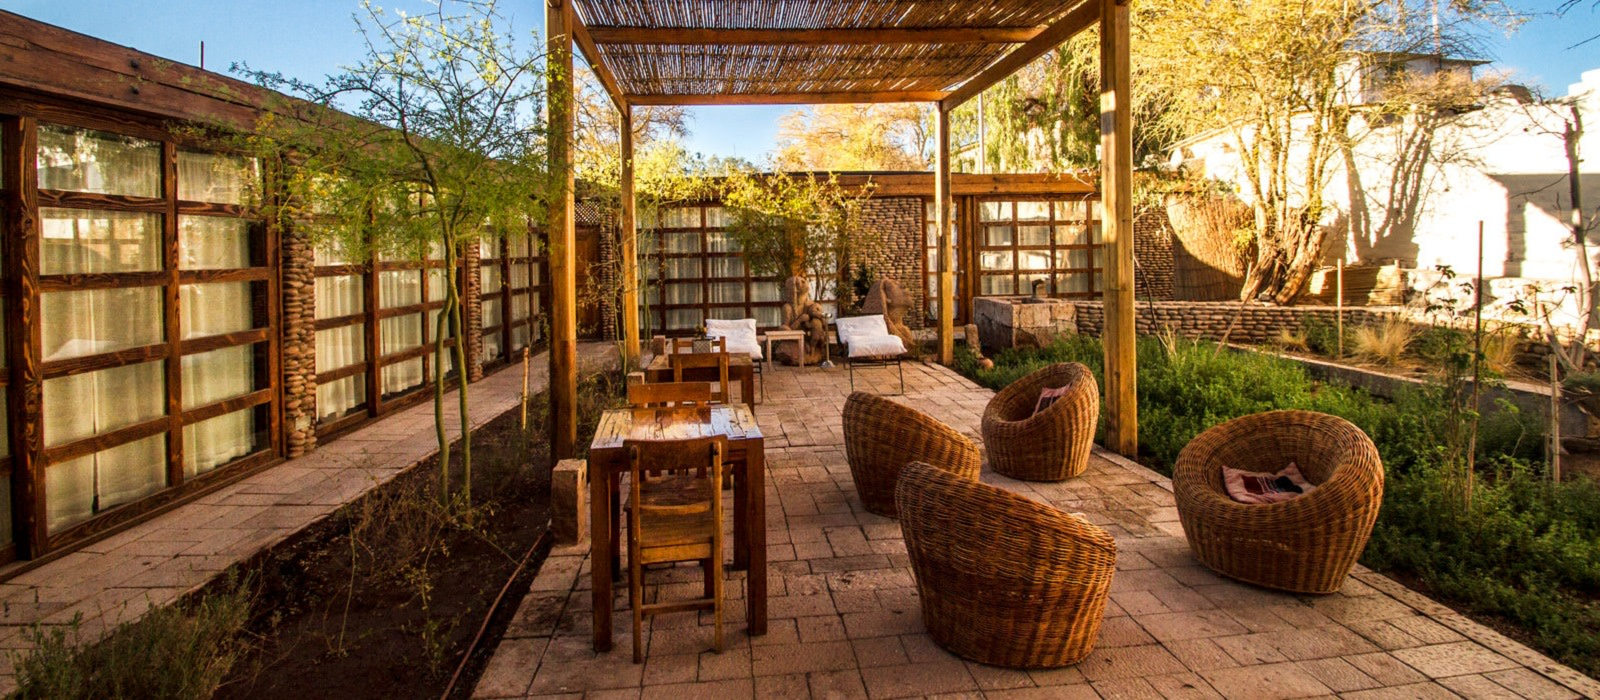 Hotel Terrantai Chile